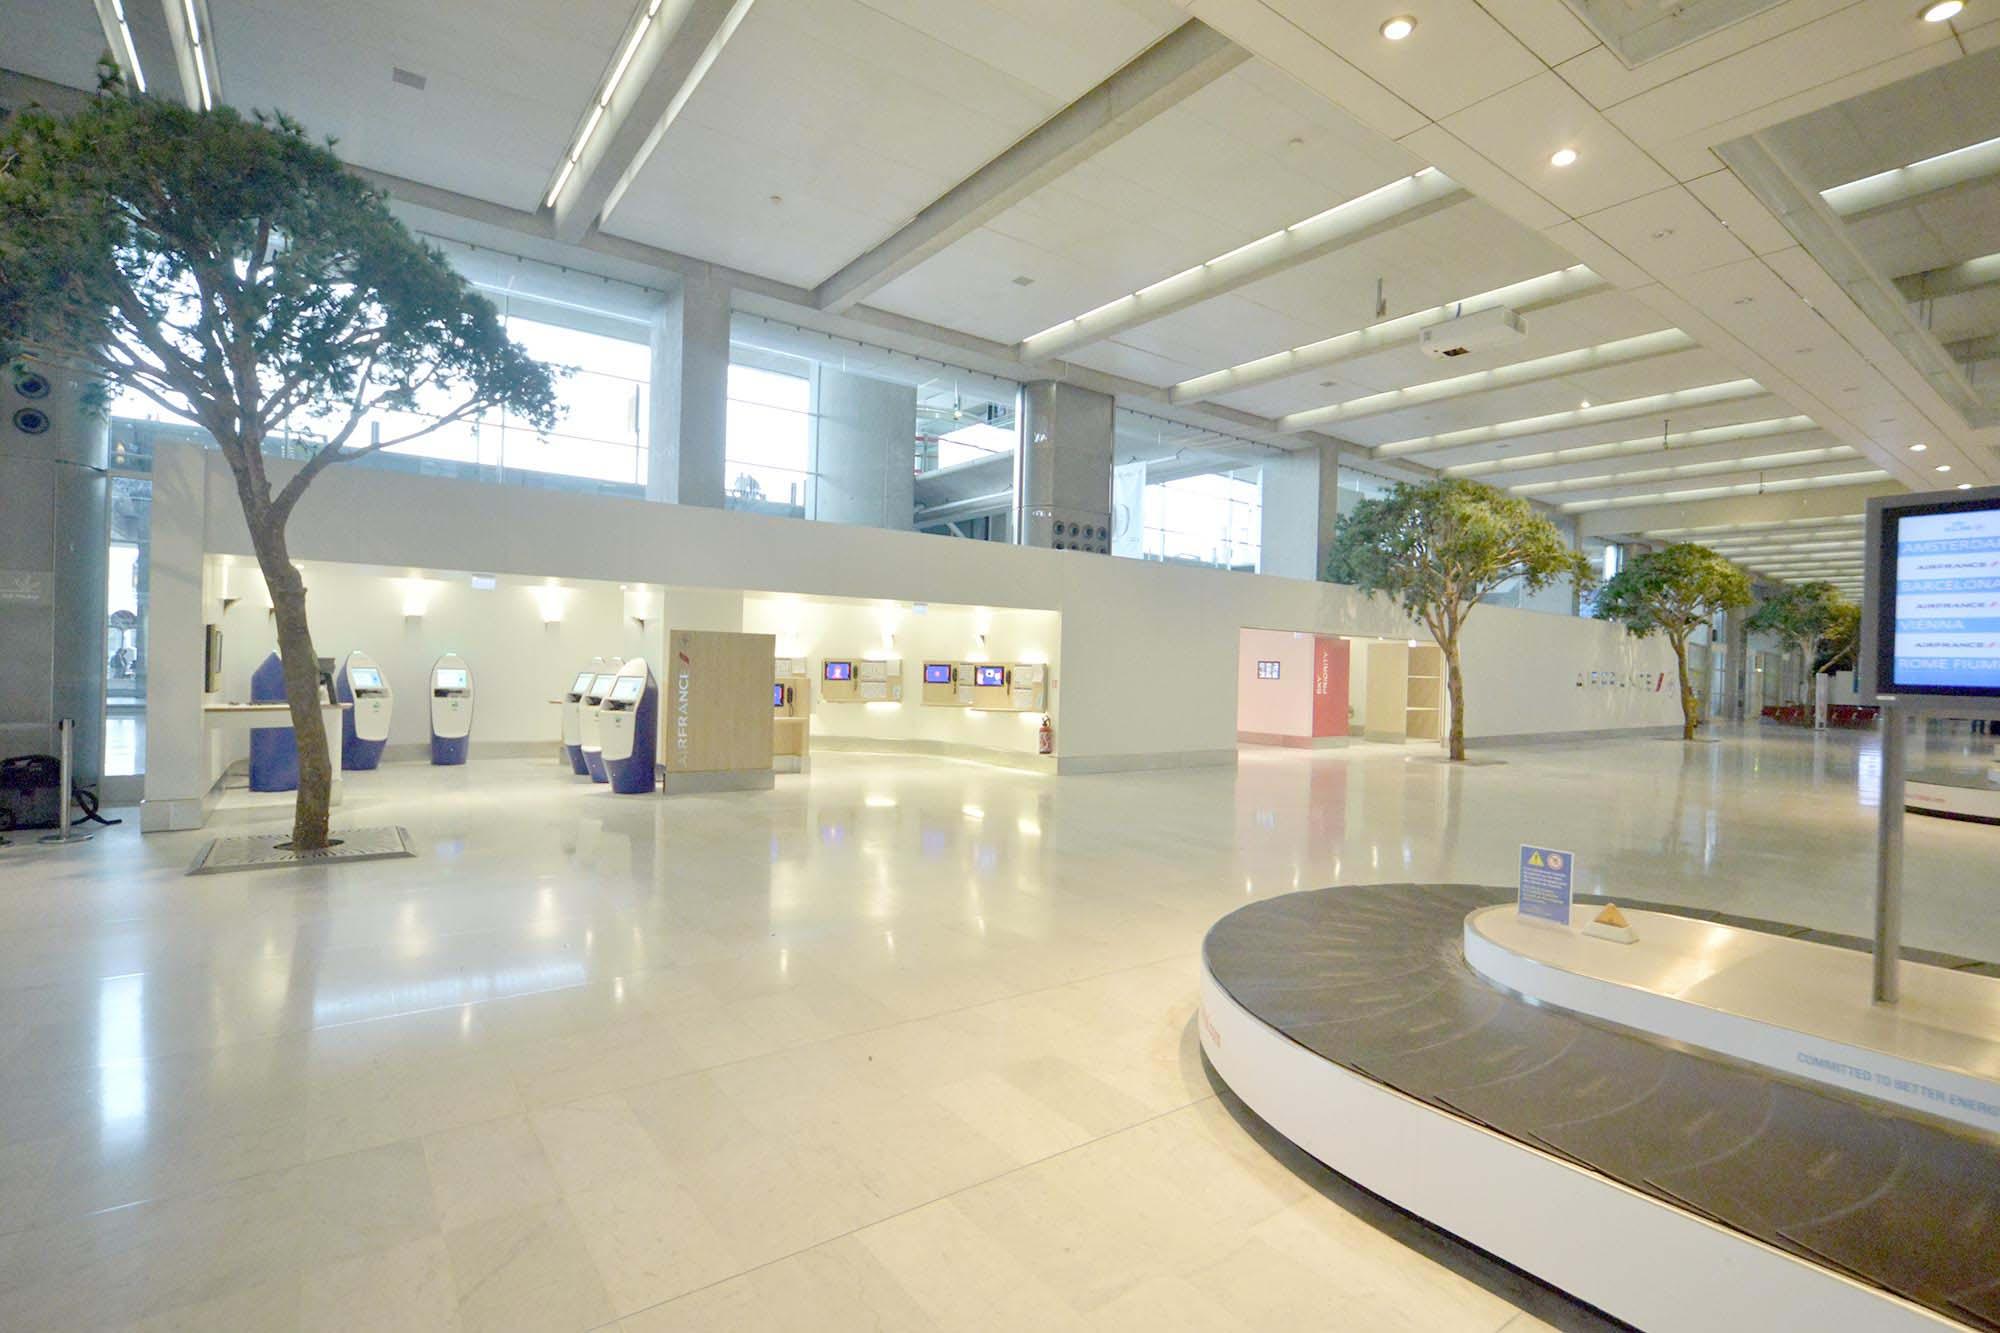 Raf Listowski Atelier d'Architecture création deux agences litige bagages Air France aéroport Roissy Charles de Gaulle aérogare 2F niveau arrivée Paris